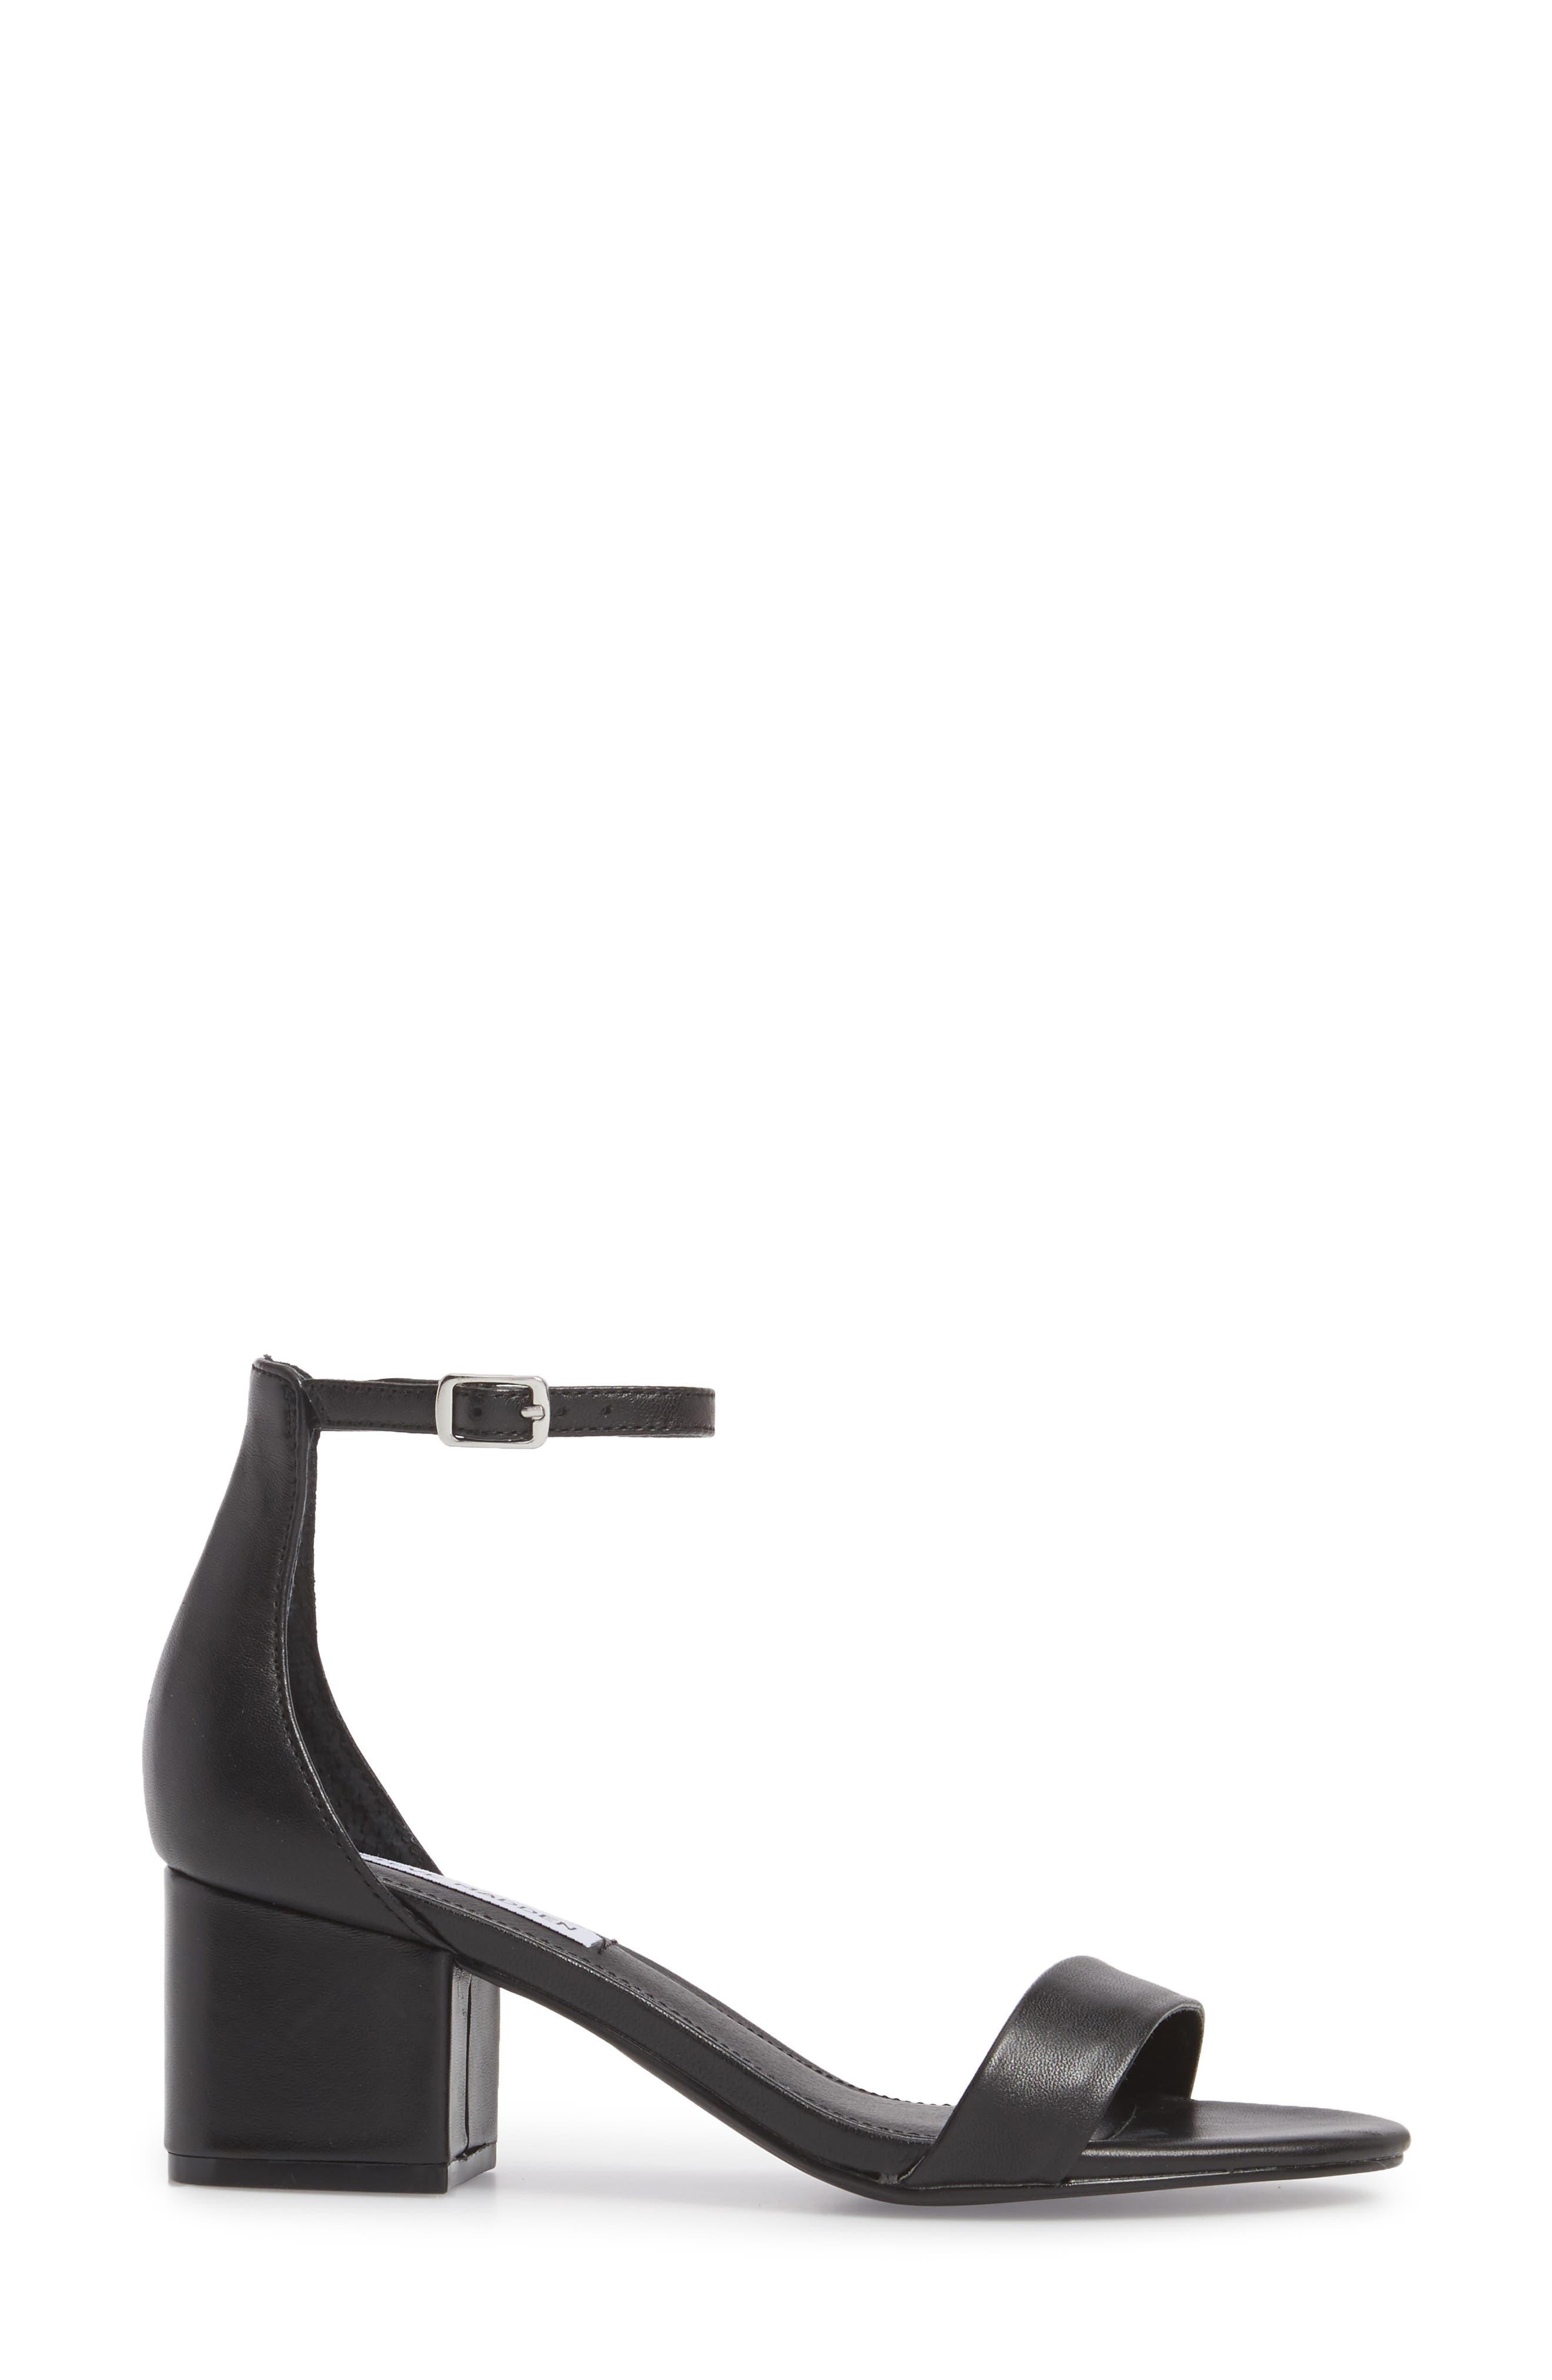 STEVE MADDEN, Irenee Ankle Strap Sandal, Alternate thumbnail 3, color, 001